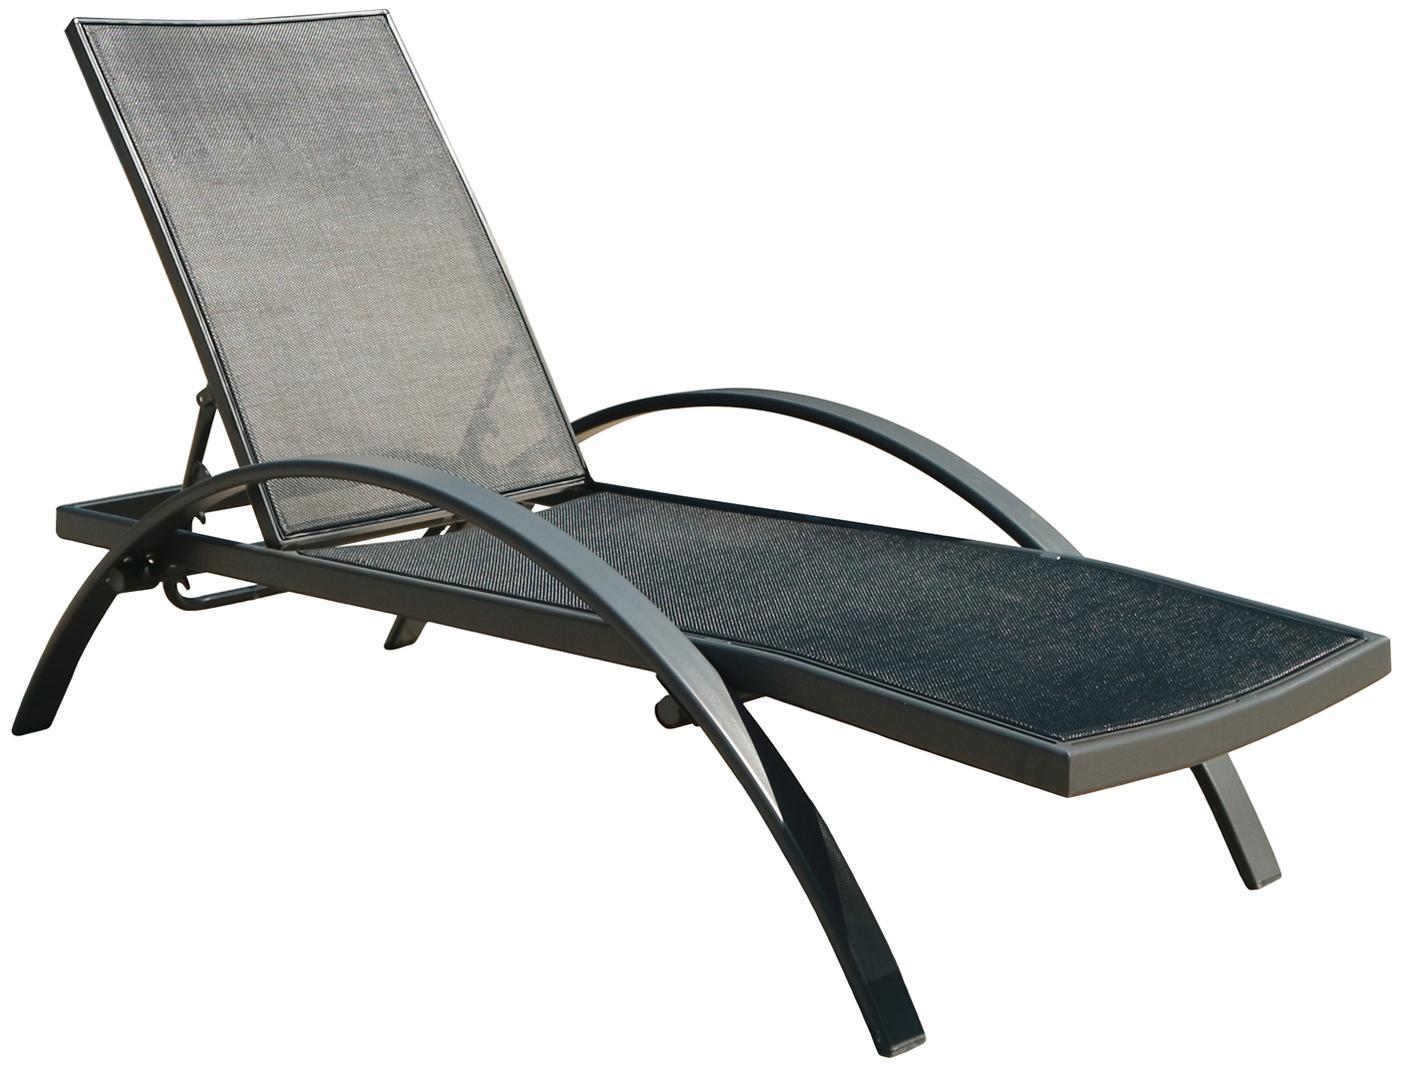 Leżak ogrodowy Eddy, Aluminium, tkanina, Antracytowy, czarny, S 65 x W 32 cm